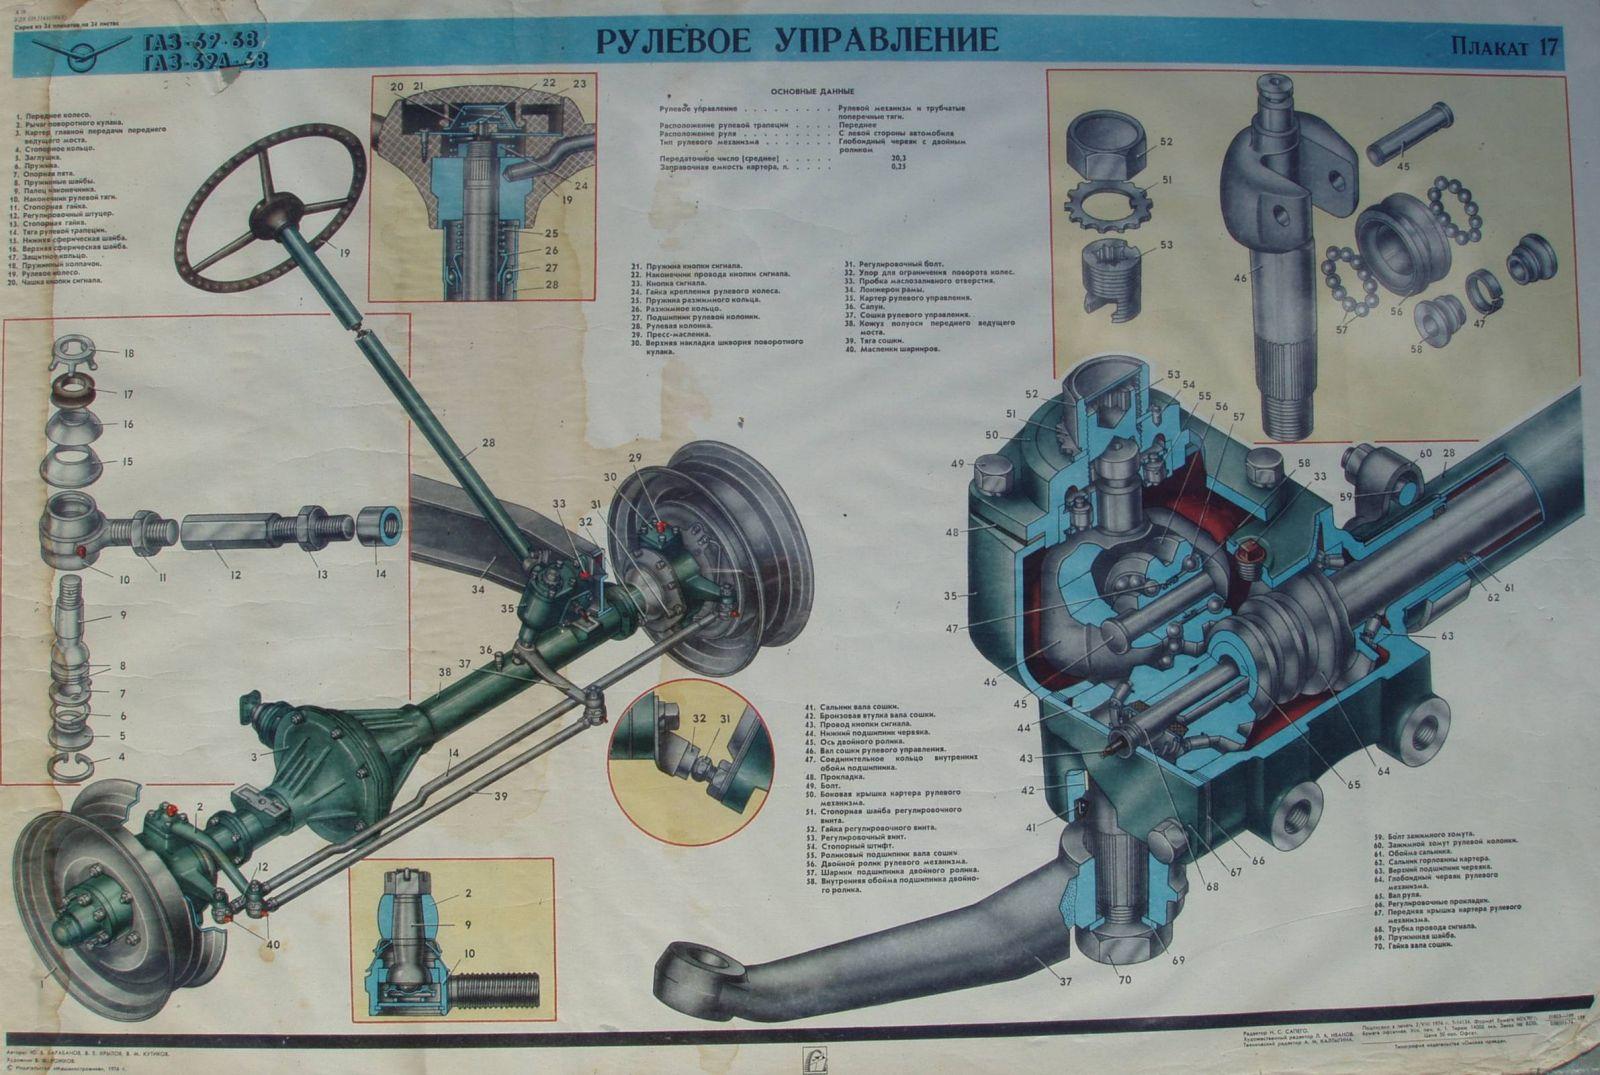 Рулевое управление зил 4331 схема